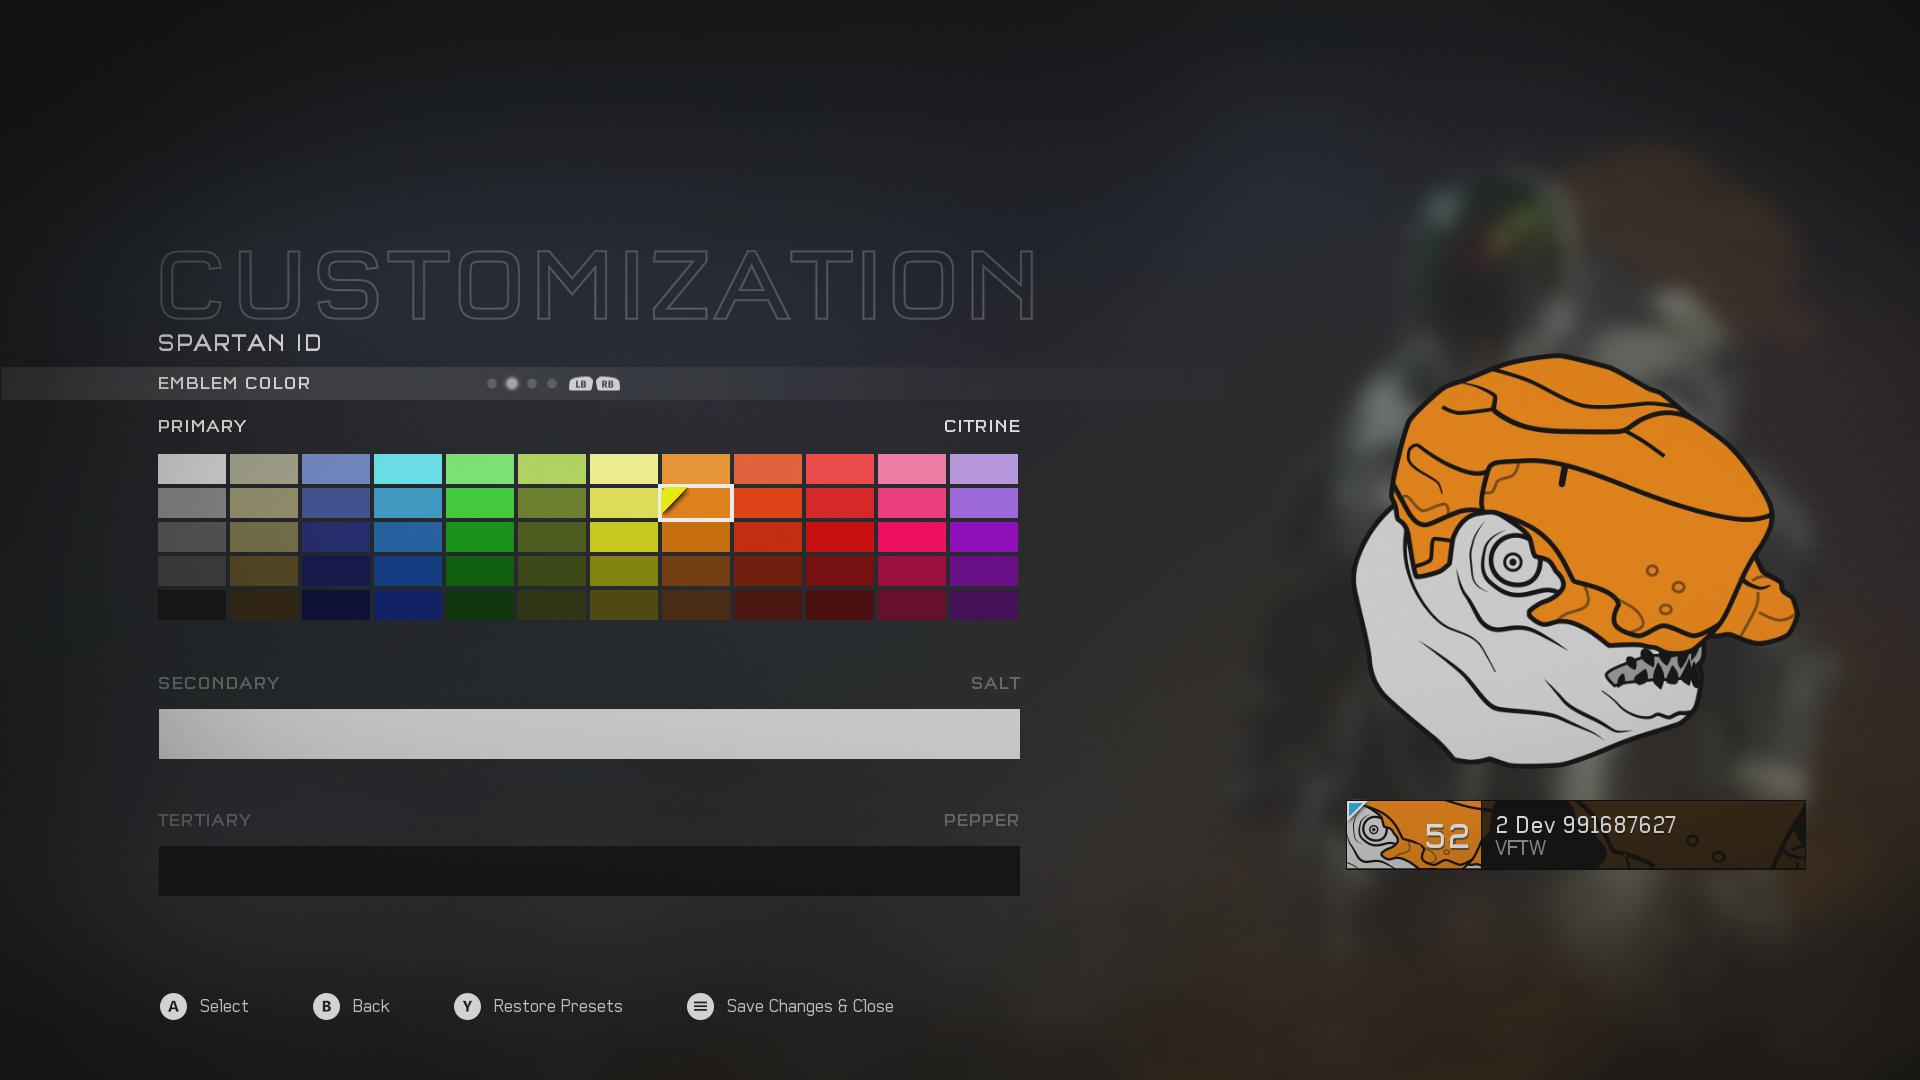 colors_emblem-f76d72b699644c50bd1be8318f